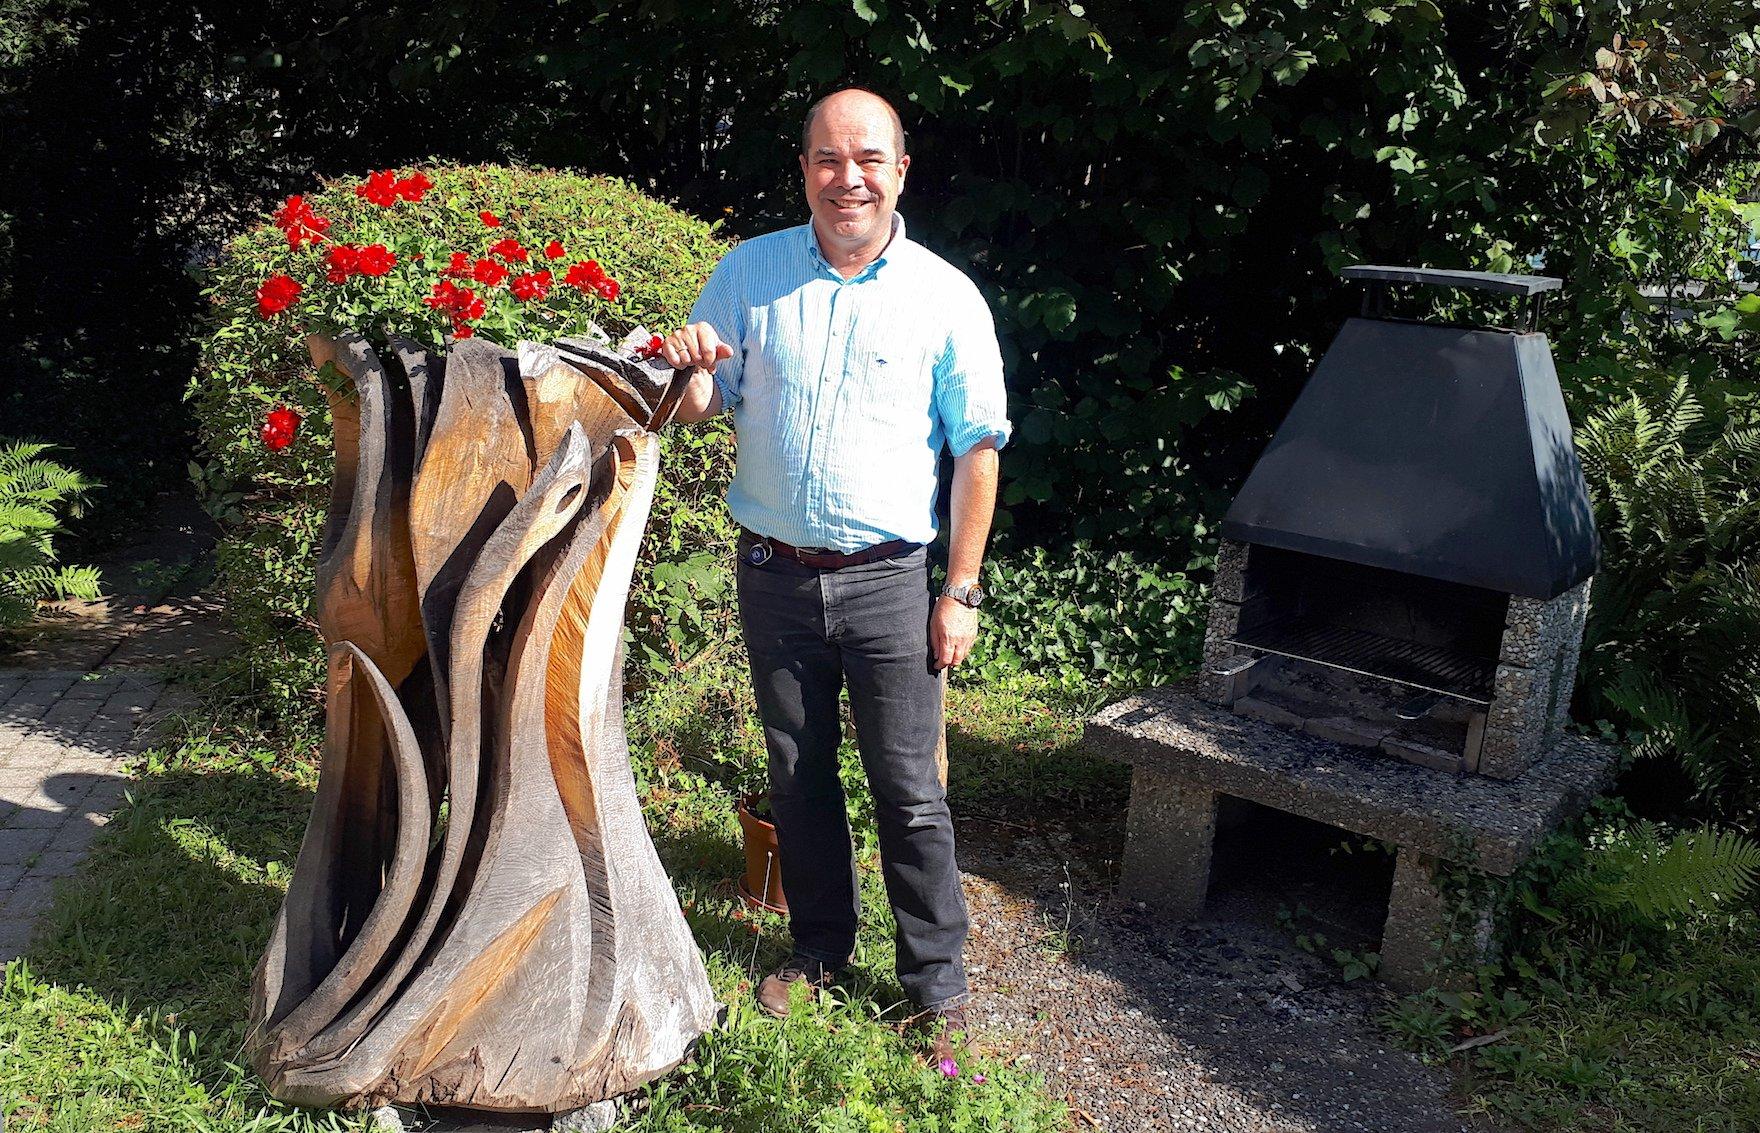 Charles Douw van der Krap ist Betriebsleiter in der Villa Hotz.